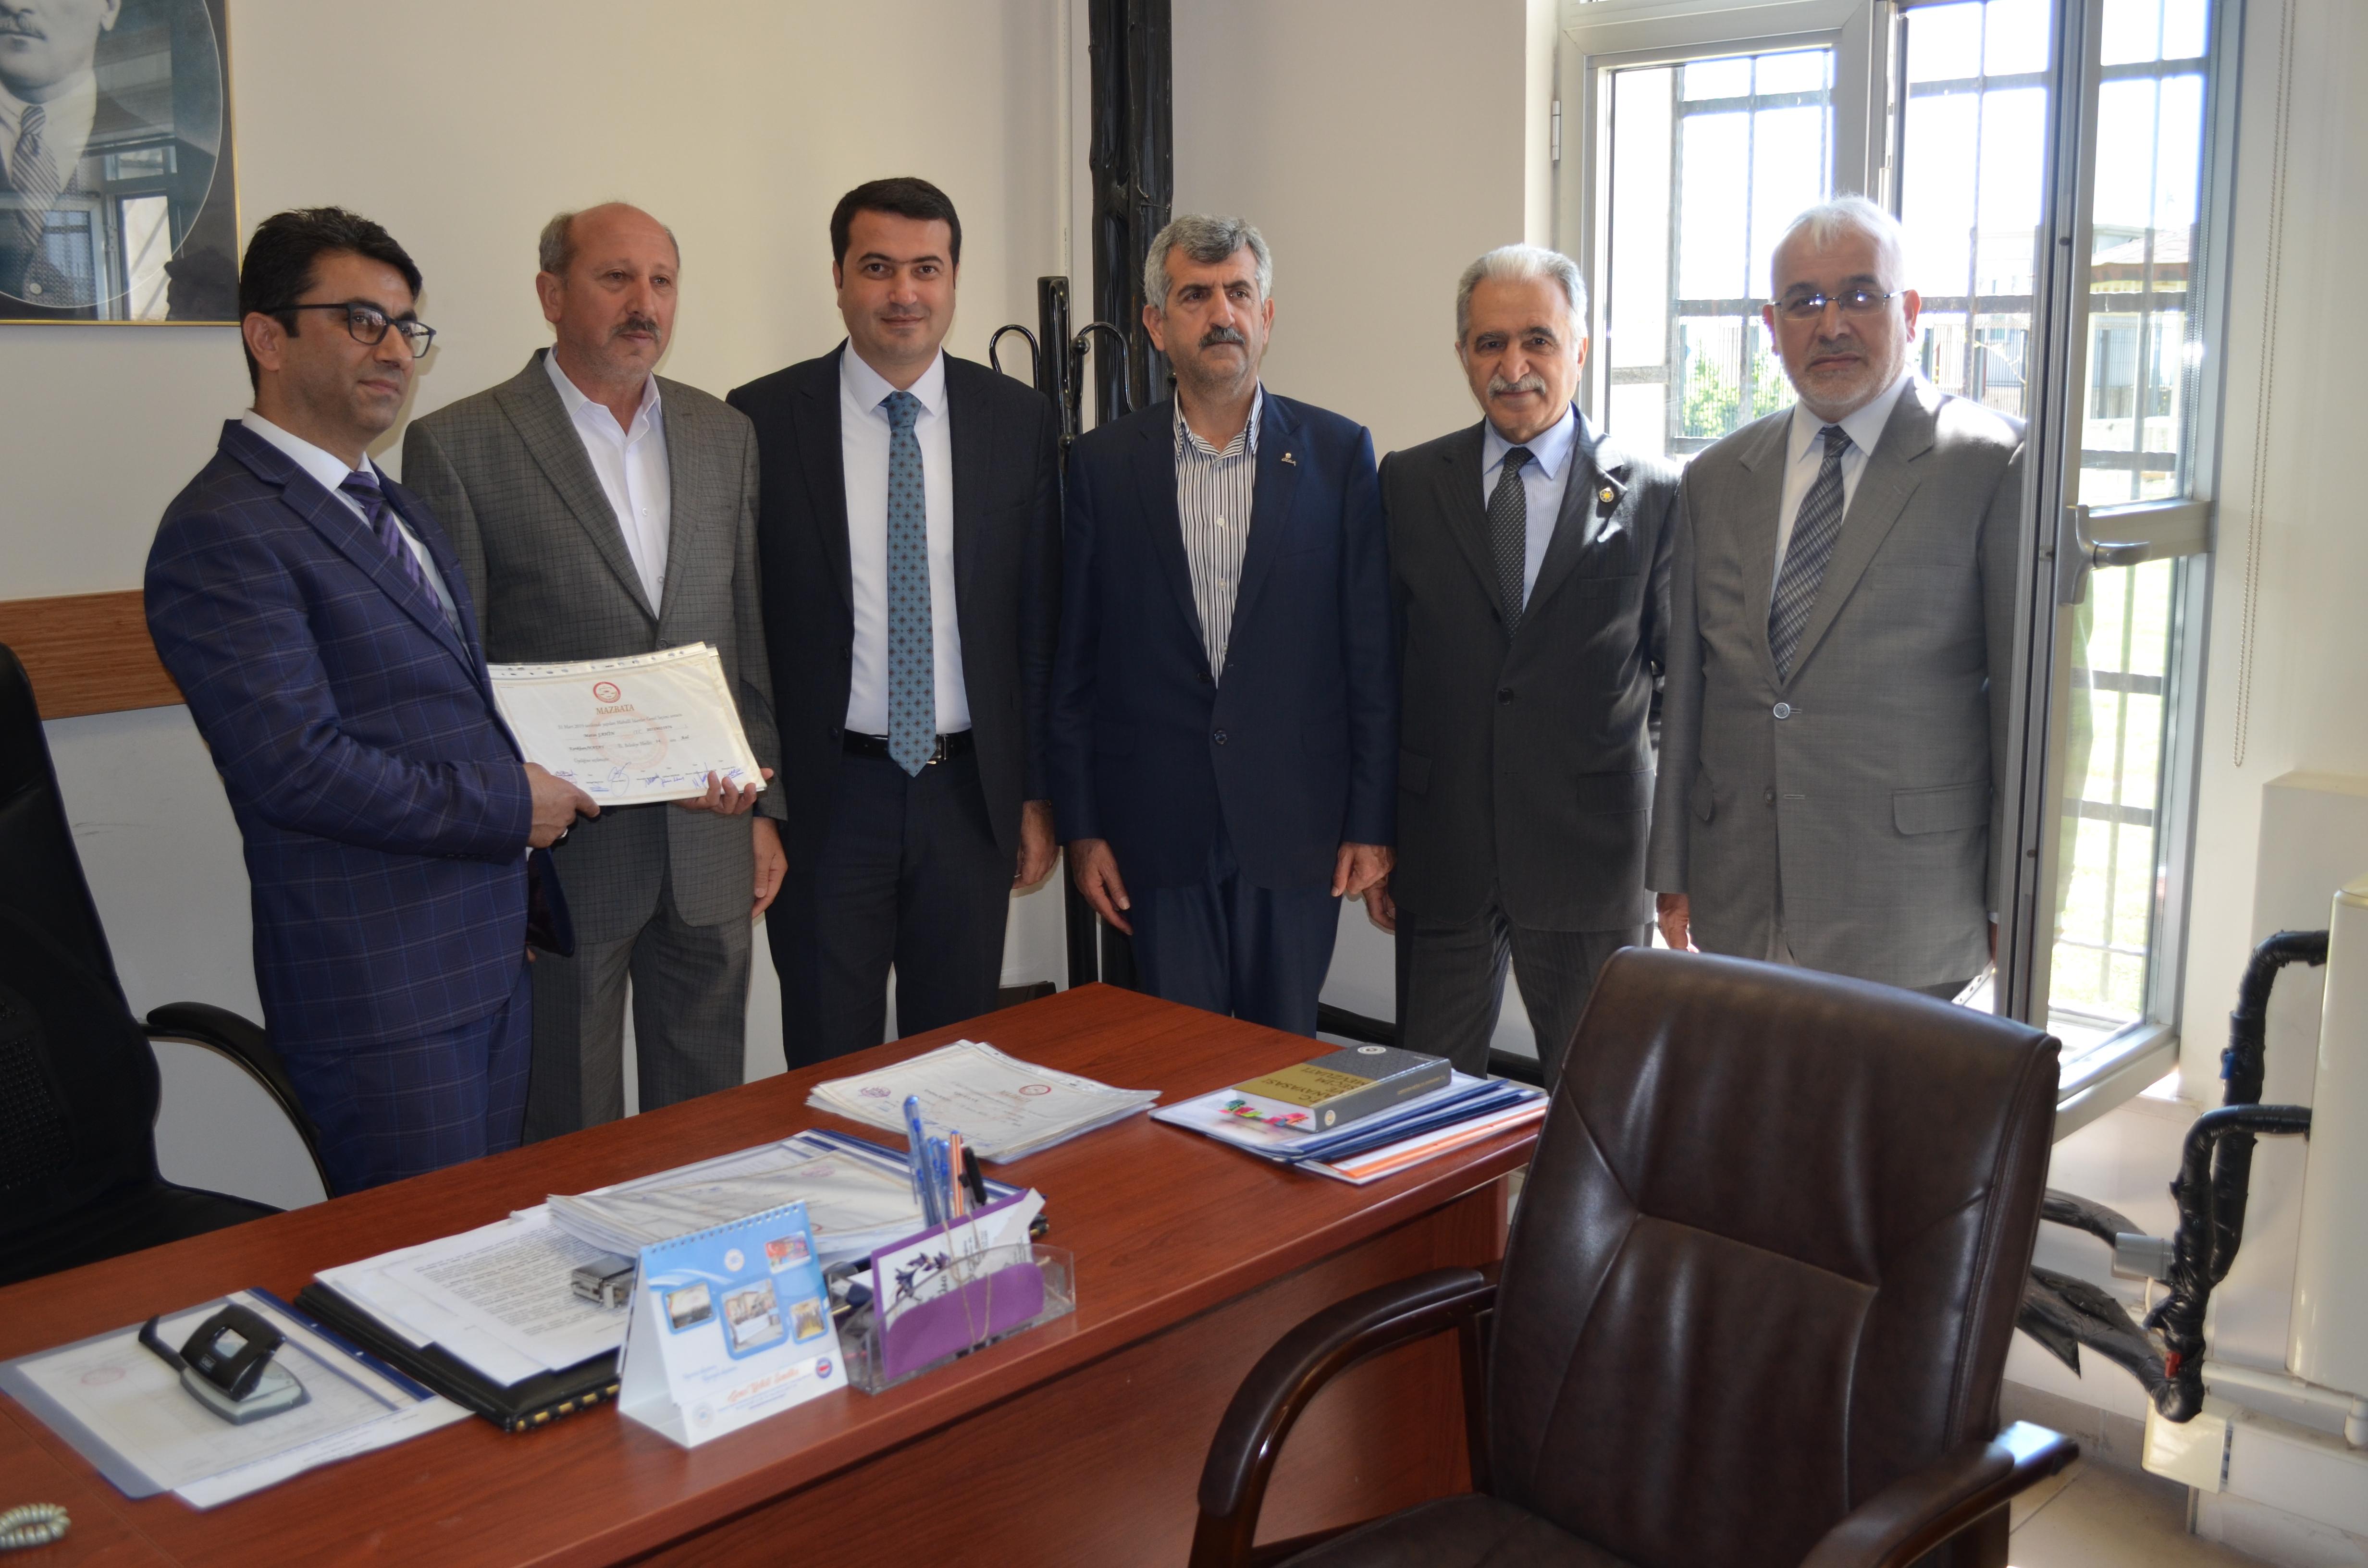 İyi Parti Kırıkhan Belediye Meclis Üyeleri mazbatalarını aldılar